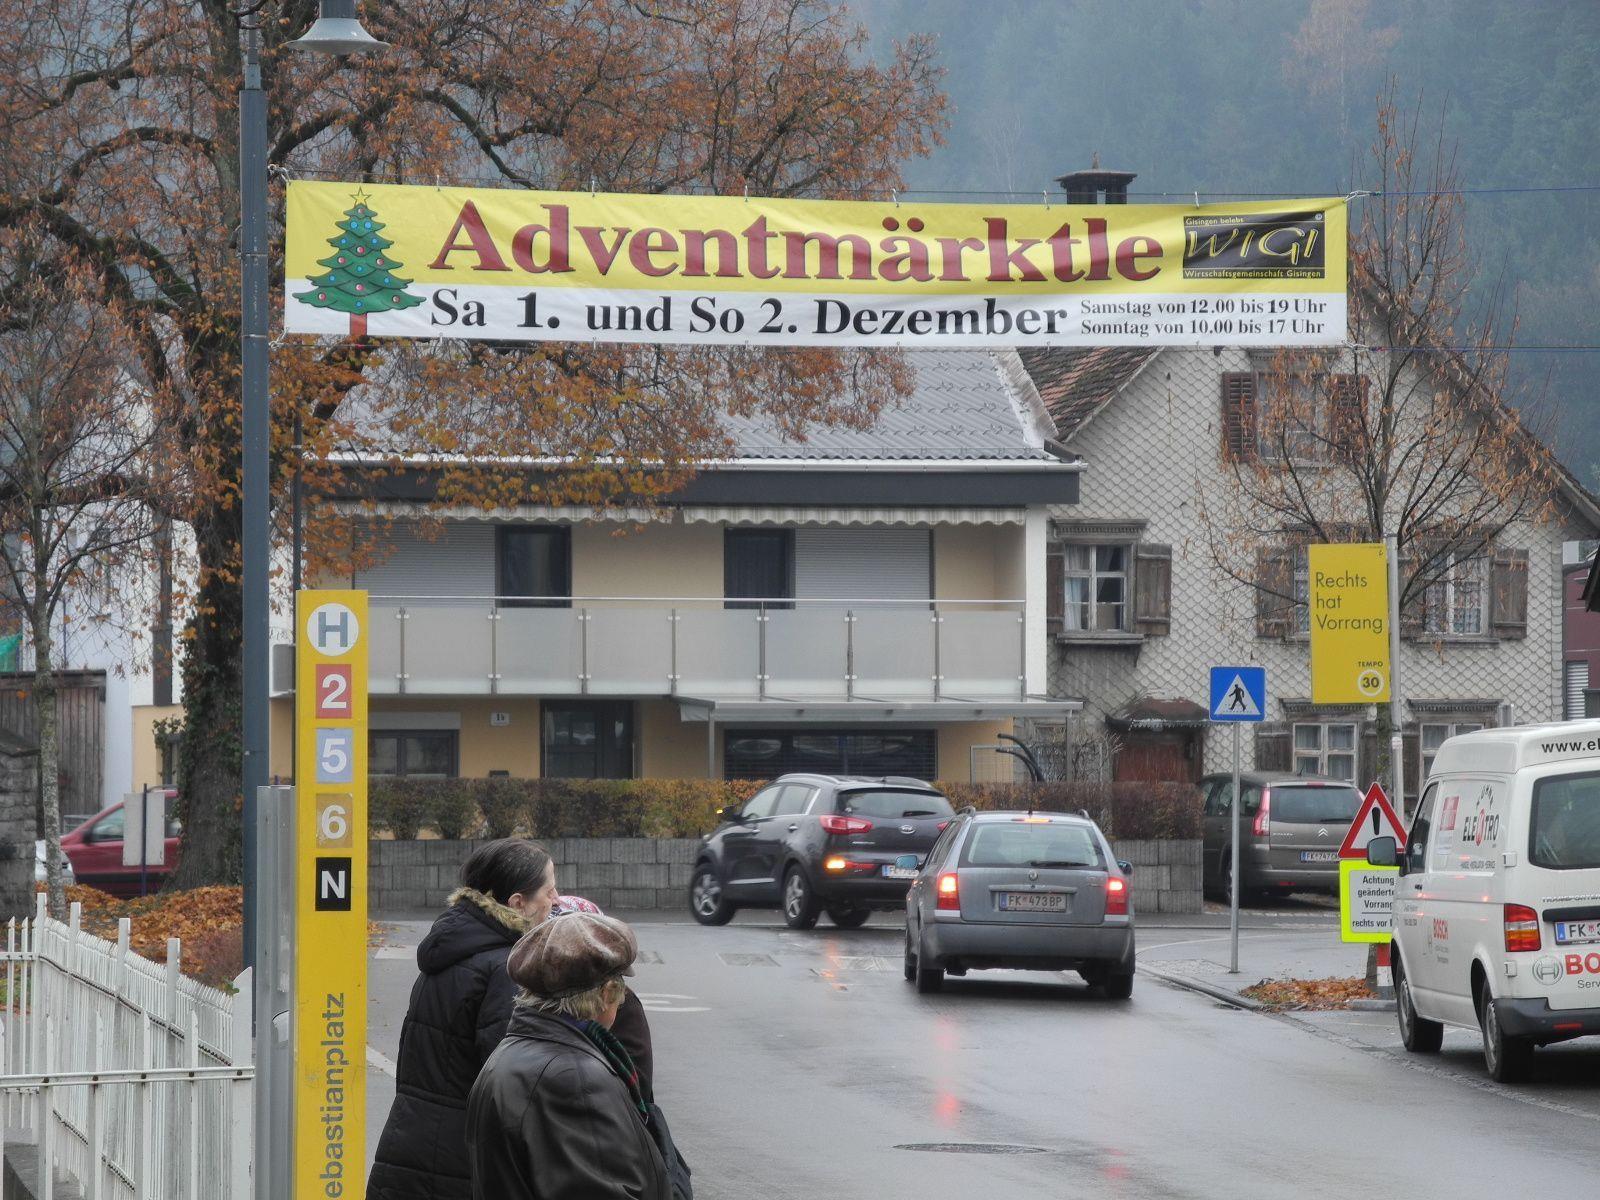 Das Adventmärktle findet am 1. und 2. Dezember auf dem Sebastianplatz in Gisingen statt